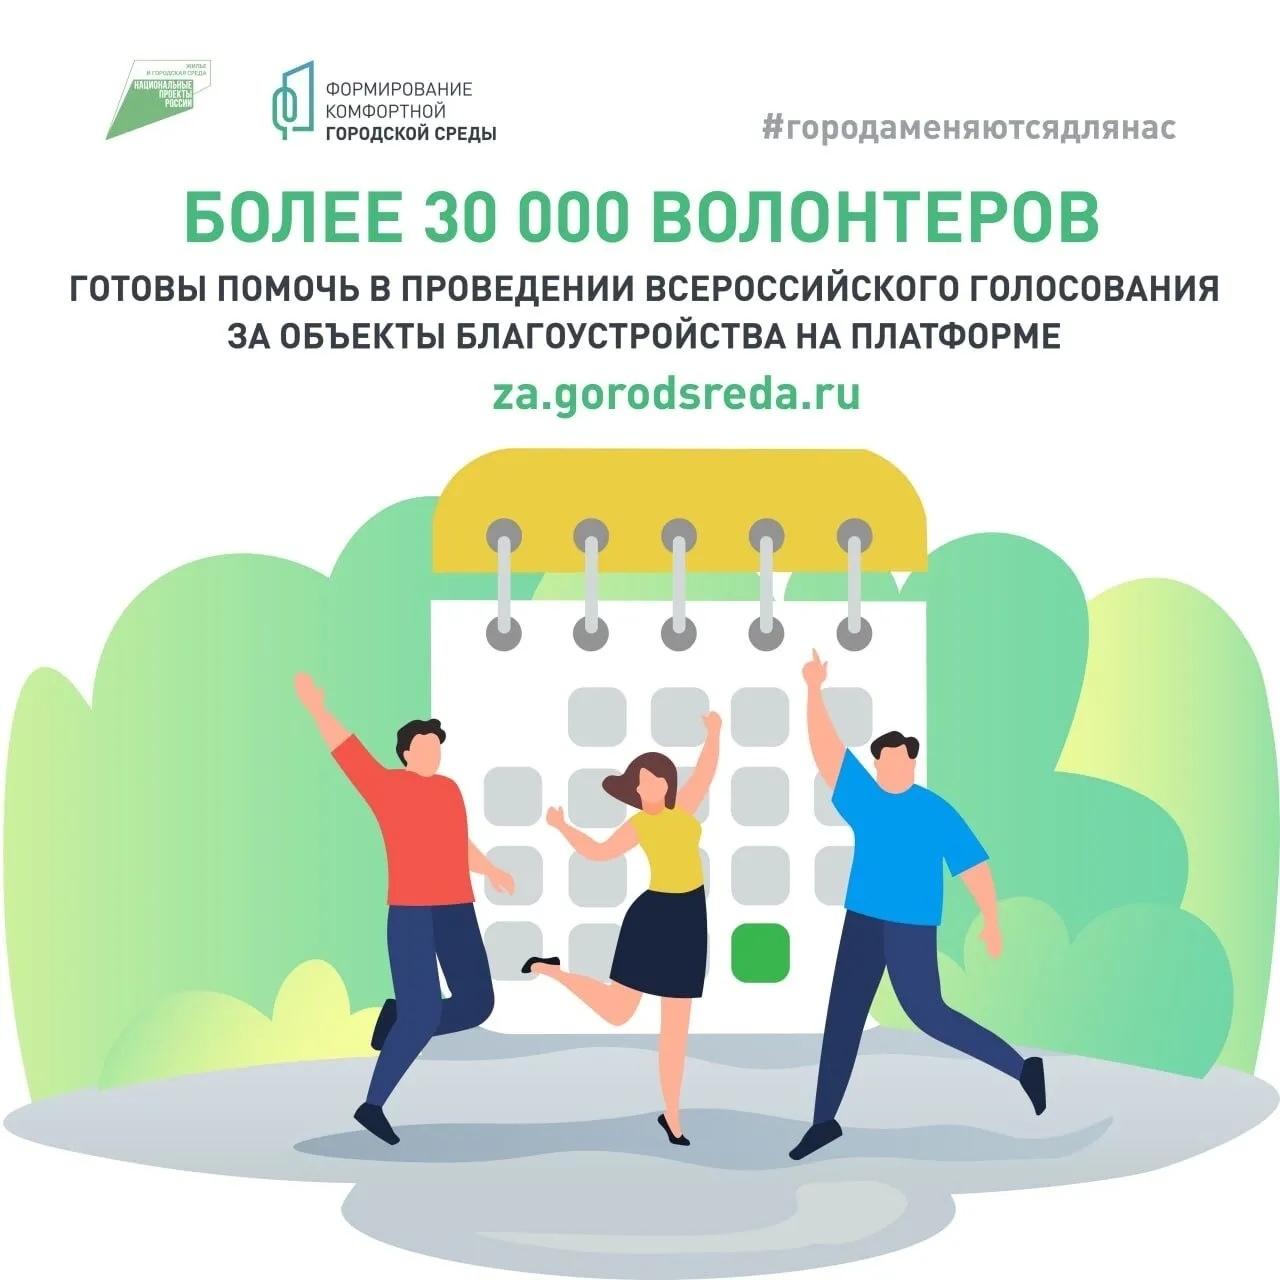 В Саратовской области 850 человек зарегистрировались волонтёрами для поддержки общероссийского голосования за проекты благоустройства